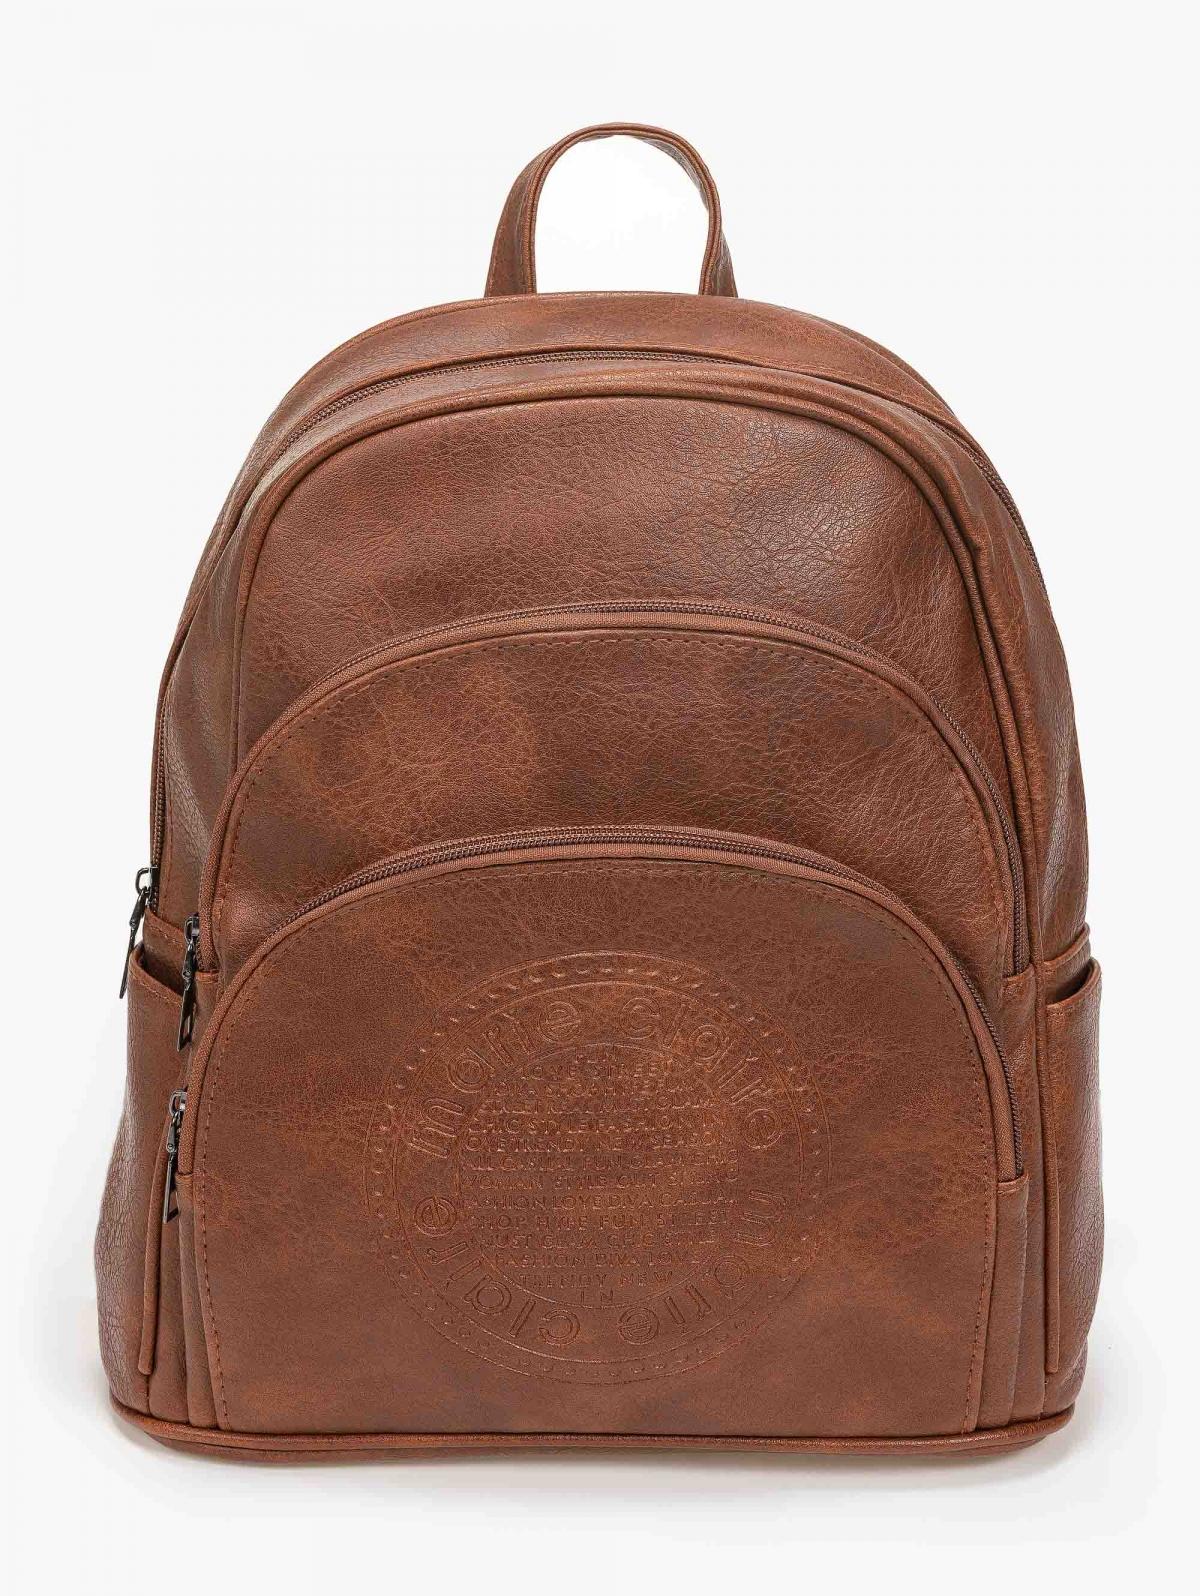 Μικρή τσάντα πλάτης με ανάγλυφη στάμπα - Ταμπά